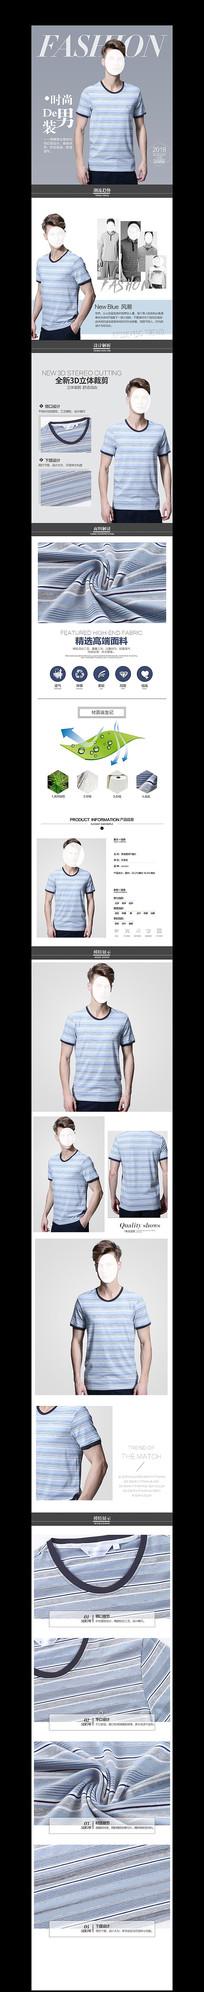 男士T恤短袖衬衫详情页模板 PSD